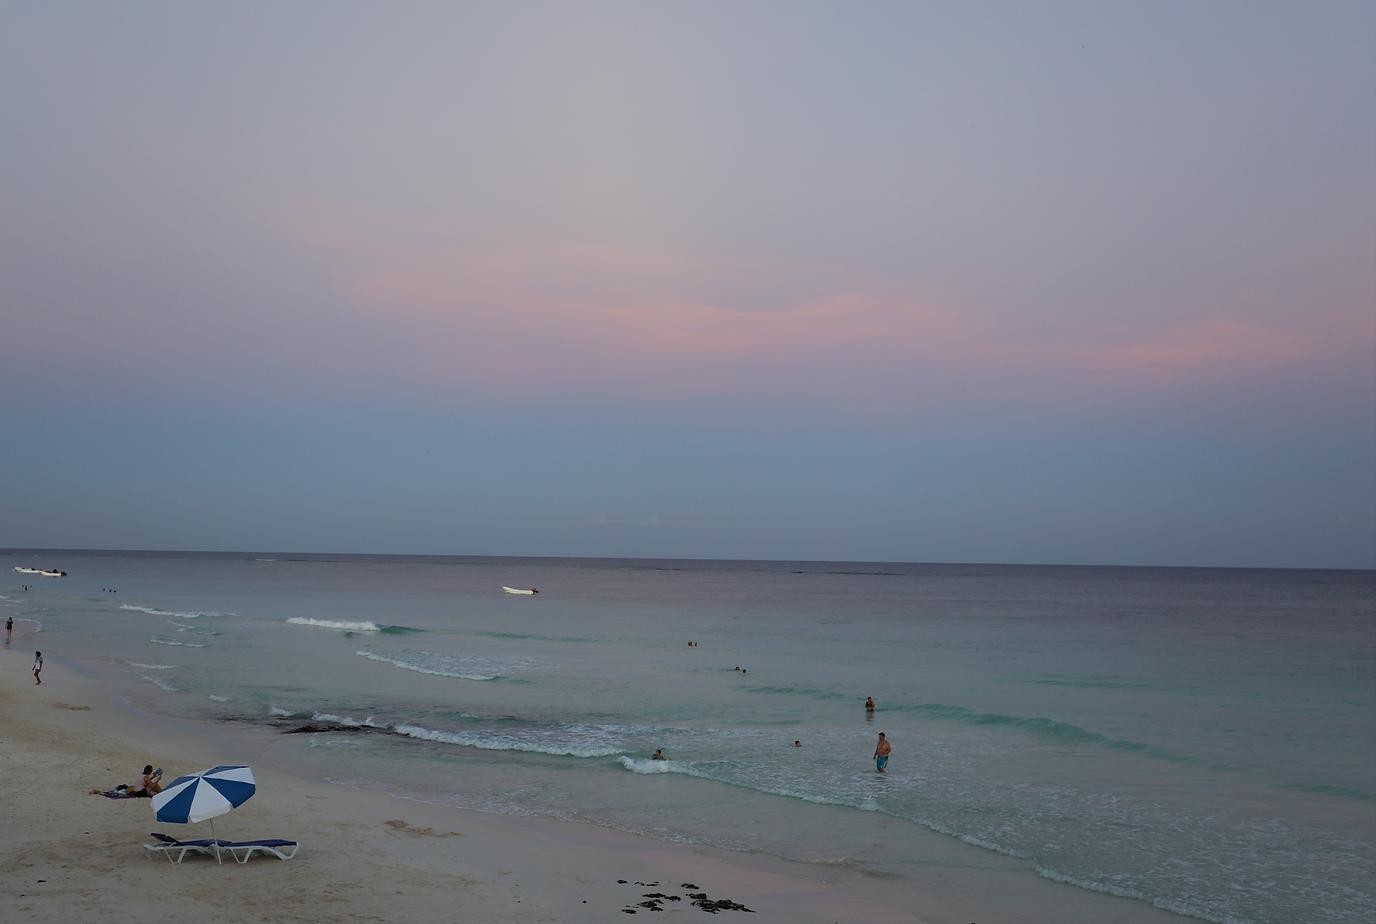 beach.tif